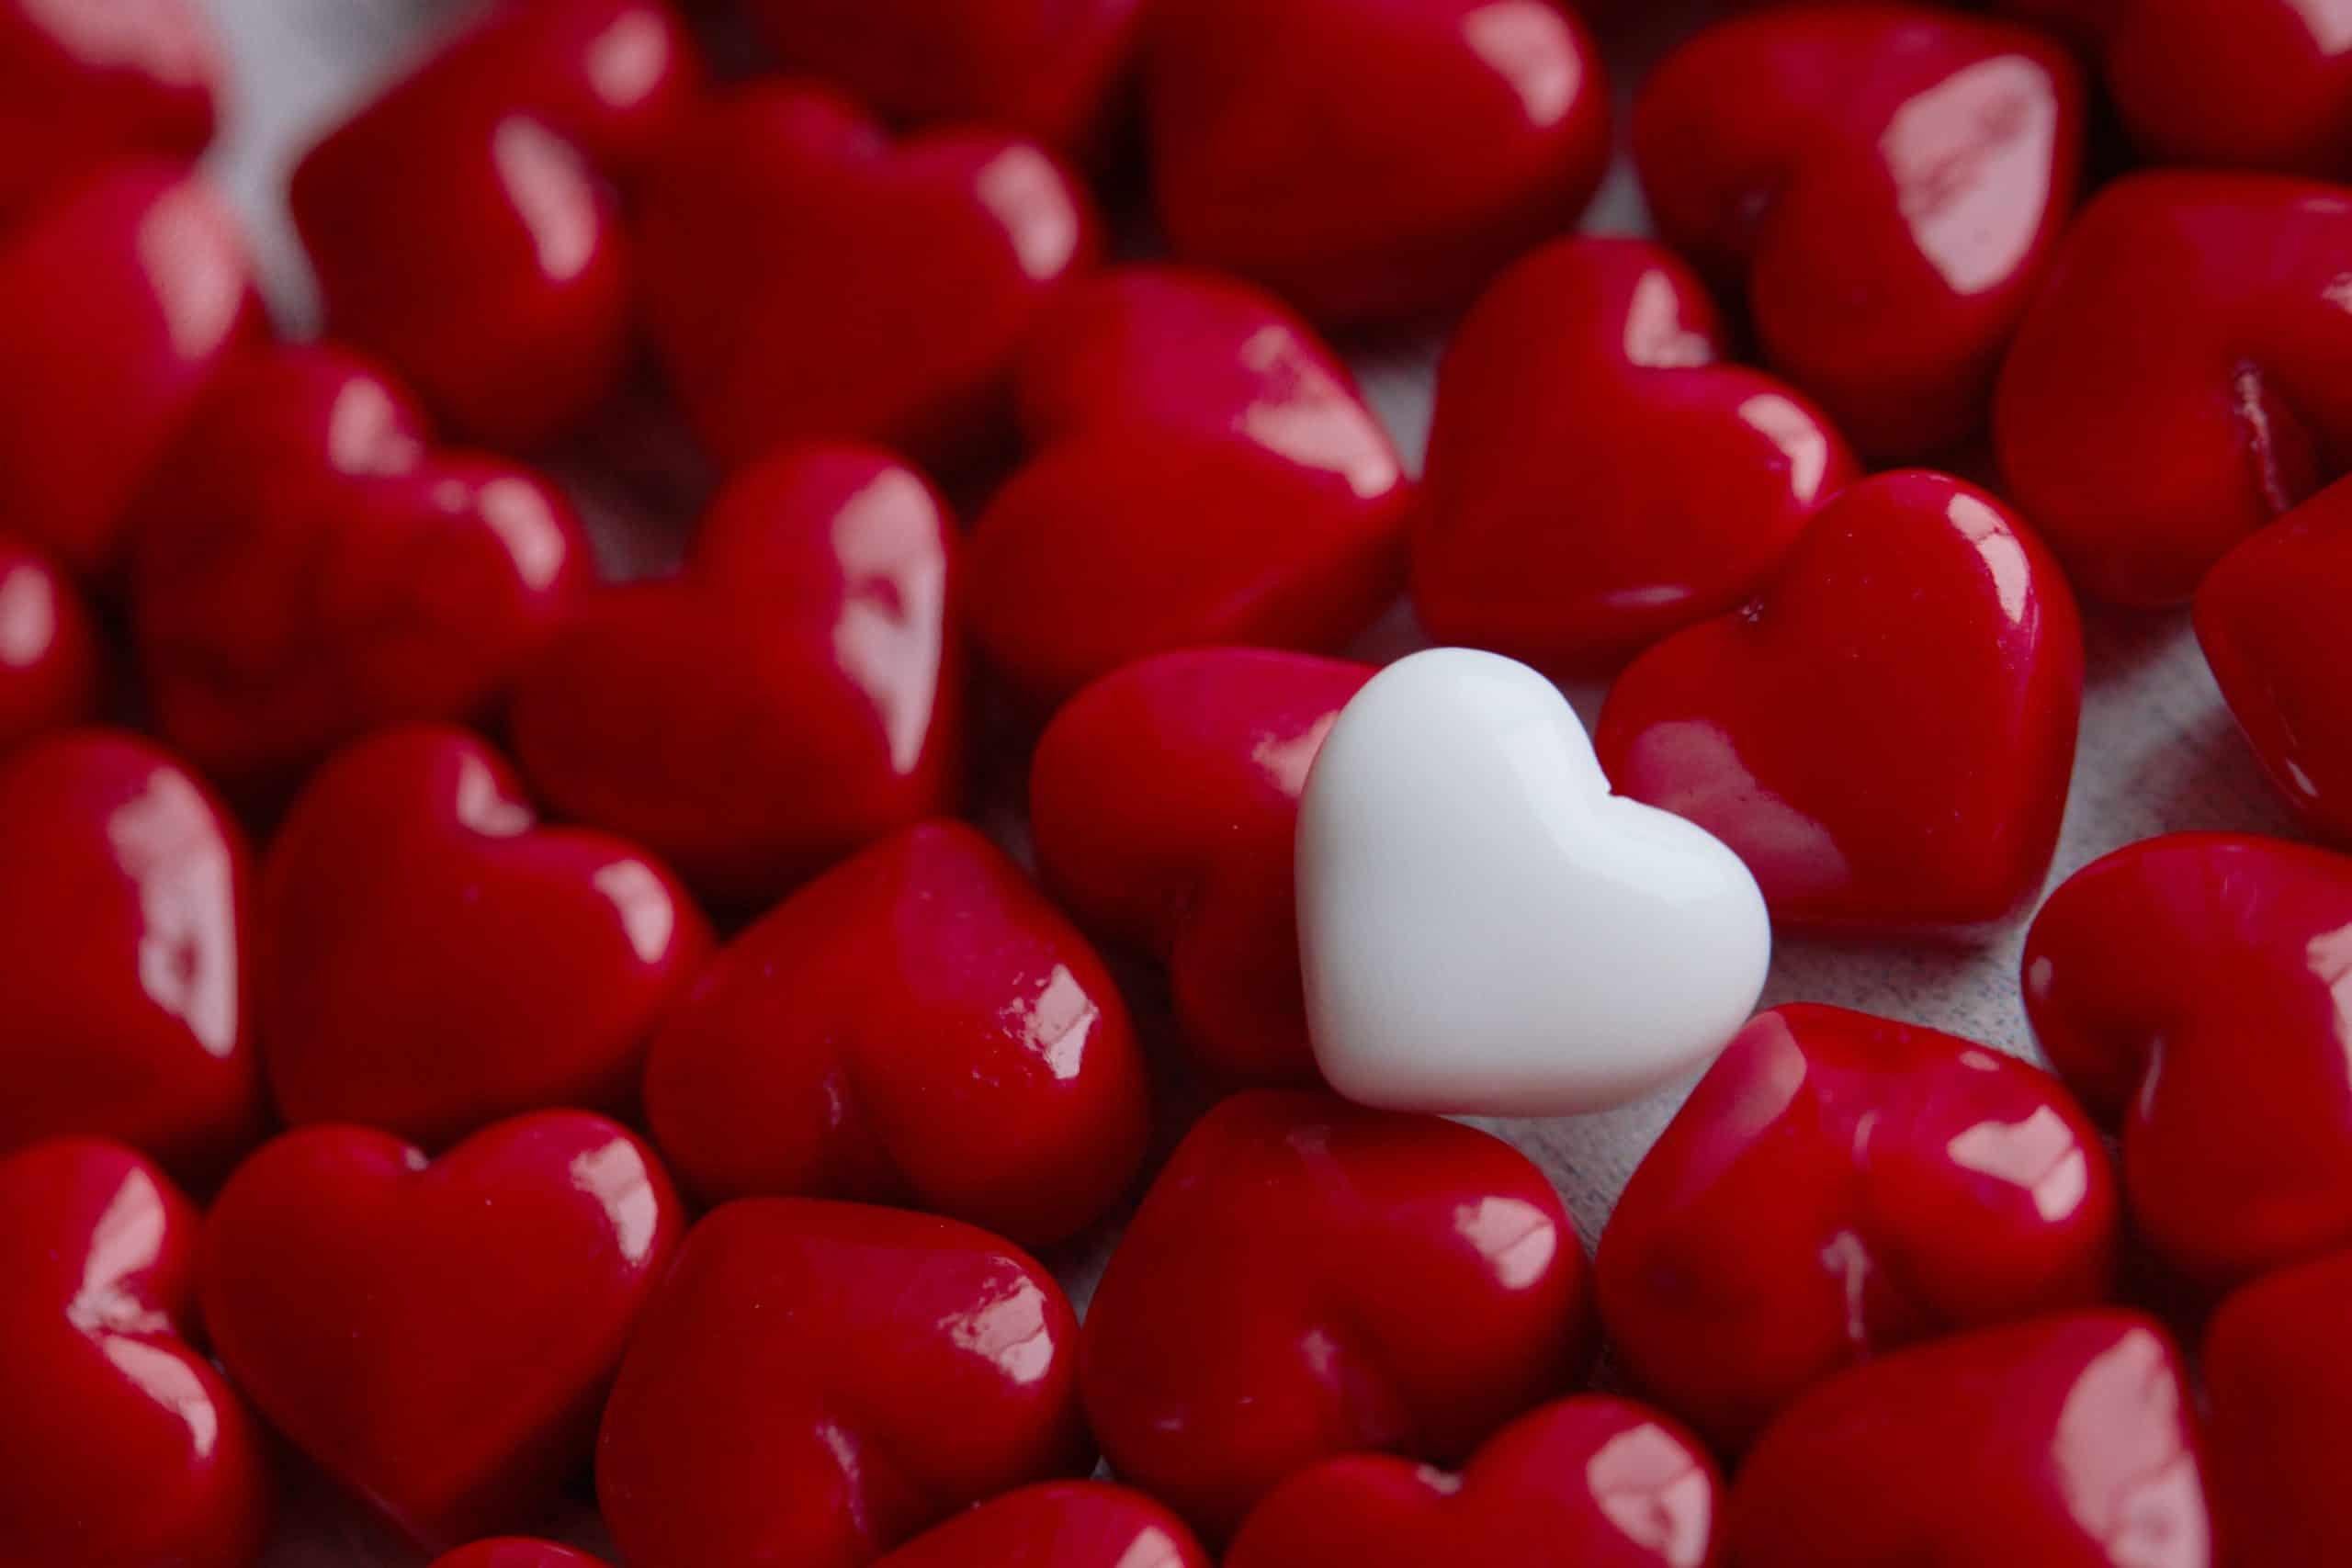 Bilden symboliserar medberoende - ett vitt hjärta bland många röda hjärtan